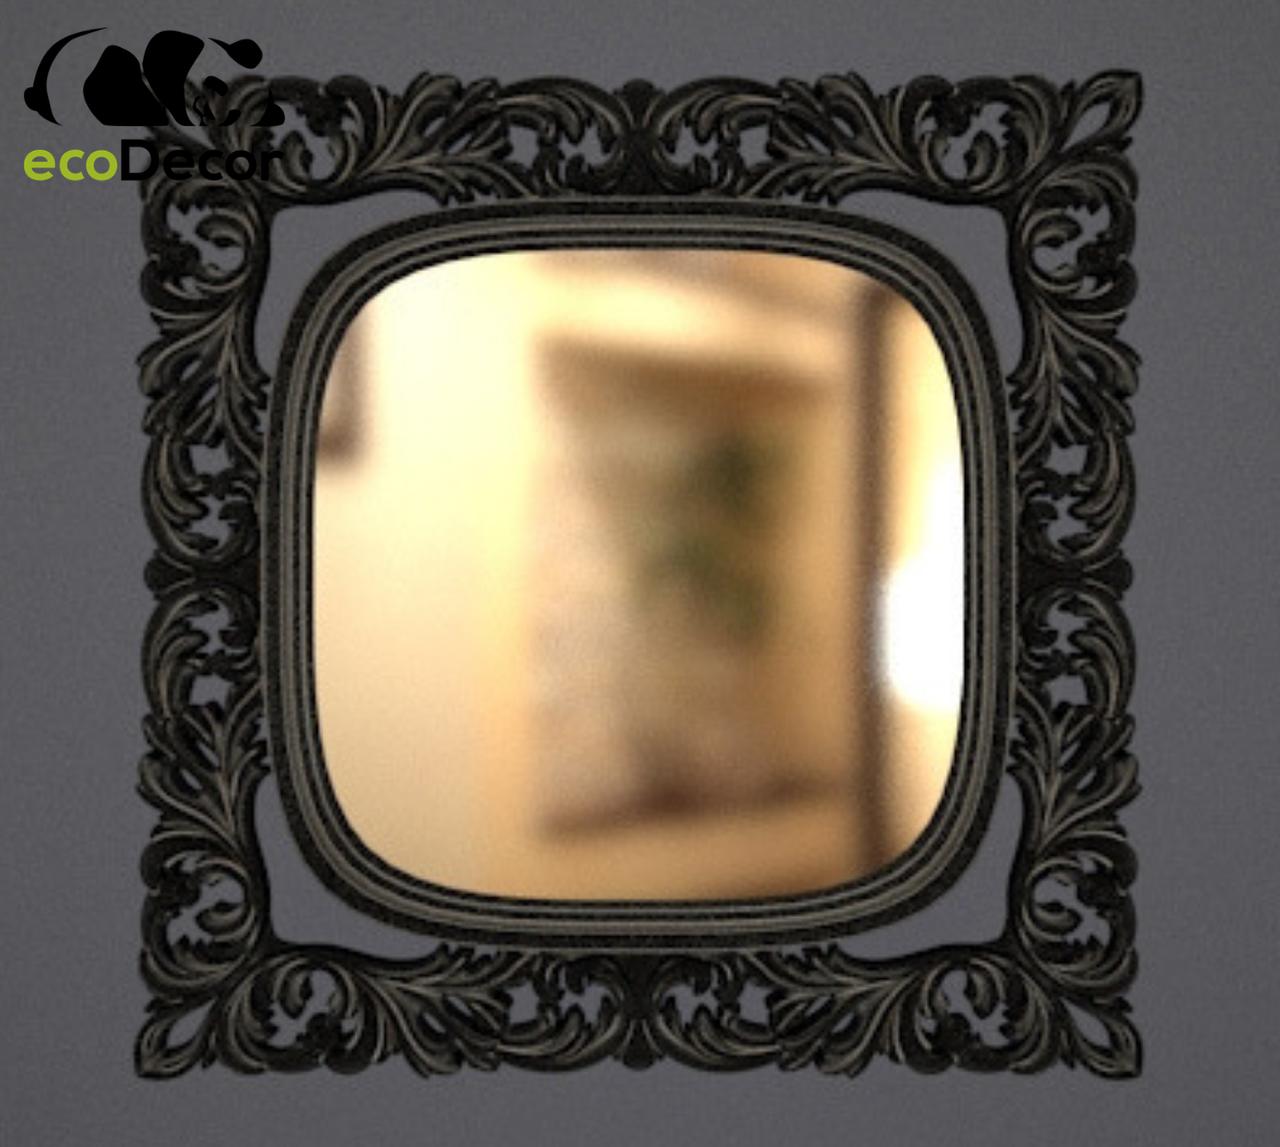 Зеркало настенное Adana в черной с белым раме.